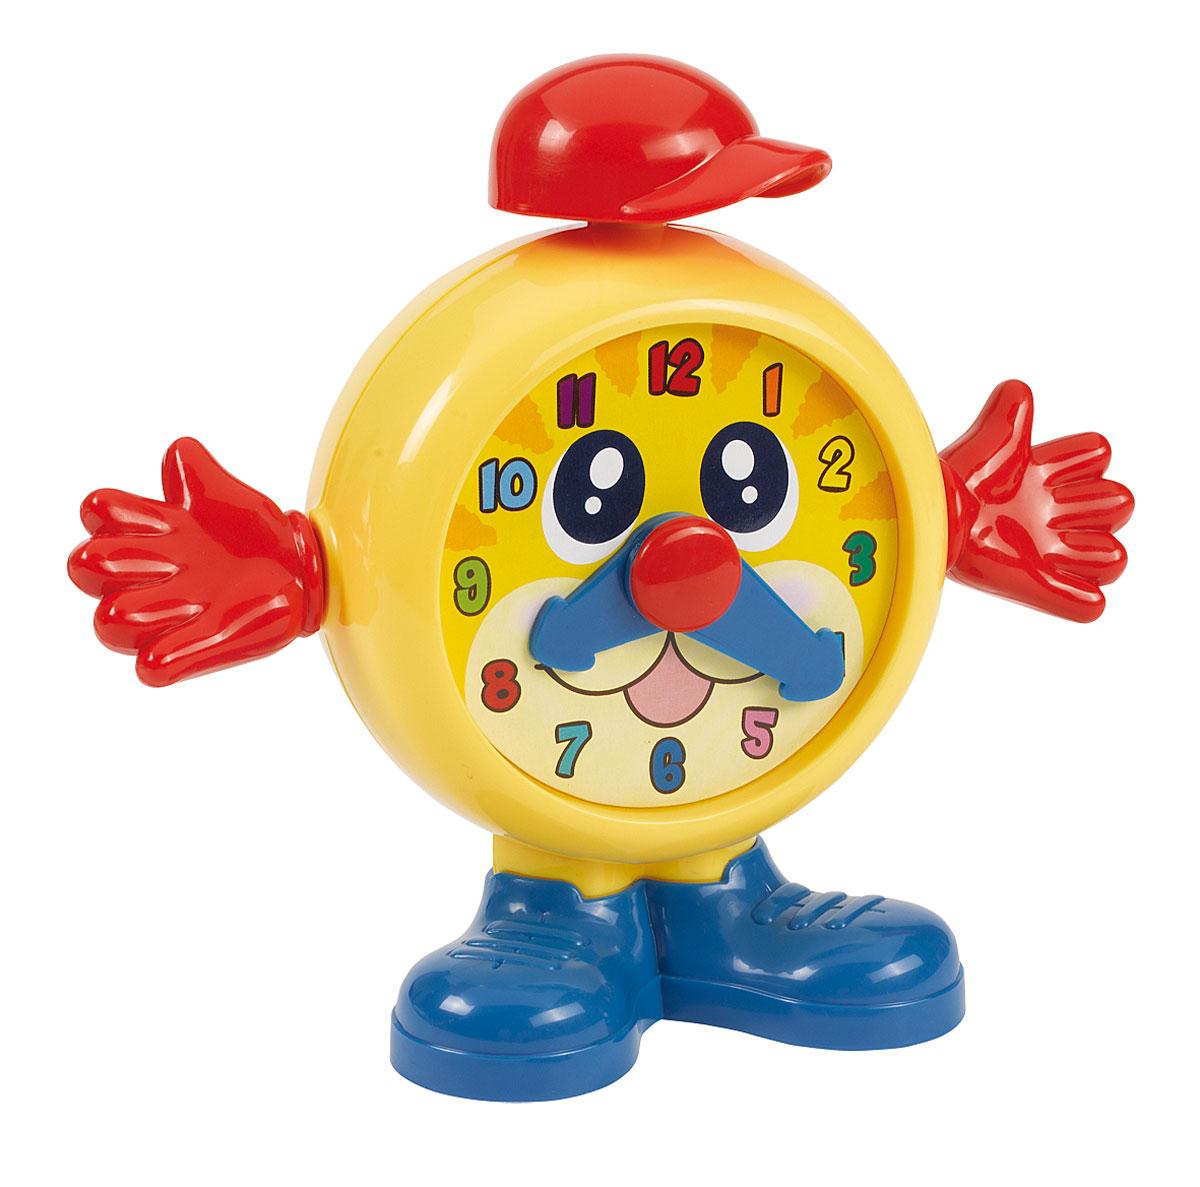 Simba Обучающая игрушка Часики цвет желтый красный синий4017281_желтый, красный, синийОбучающая игрушка Часики замечательно подойдет для увлекательных и познавательных игр малыша. Часы выполнены из яркого безопасного пластика в виде человечка с лицом-циферблатом. Будильник дополнен ручками и красной кепкой. Циферблат оформлен цифрами и двумя подвижными стрелками. Ручки часиков крутятся с веселым треском. С помощью ручек можно управлять стрелками. При нажатии на кепку будильника, раздается забавный звук. Обучающая игрушка Часики поможет ребенку в развитии цветового и звукового восприятия, мелкой моторики рук, координации движений, познакомит с функциями часов.